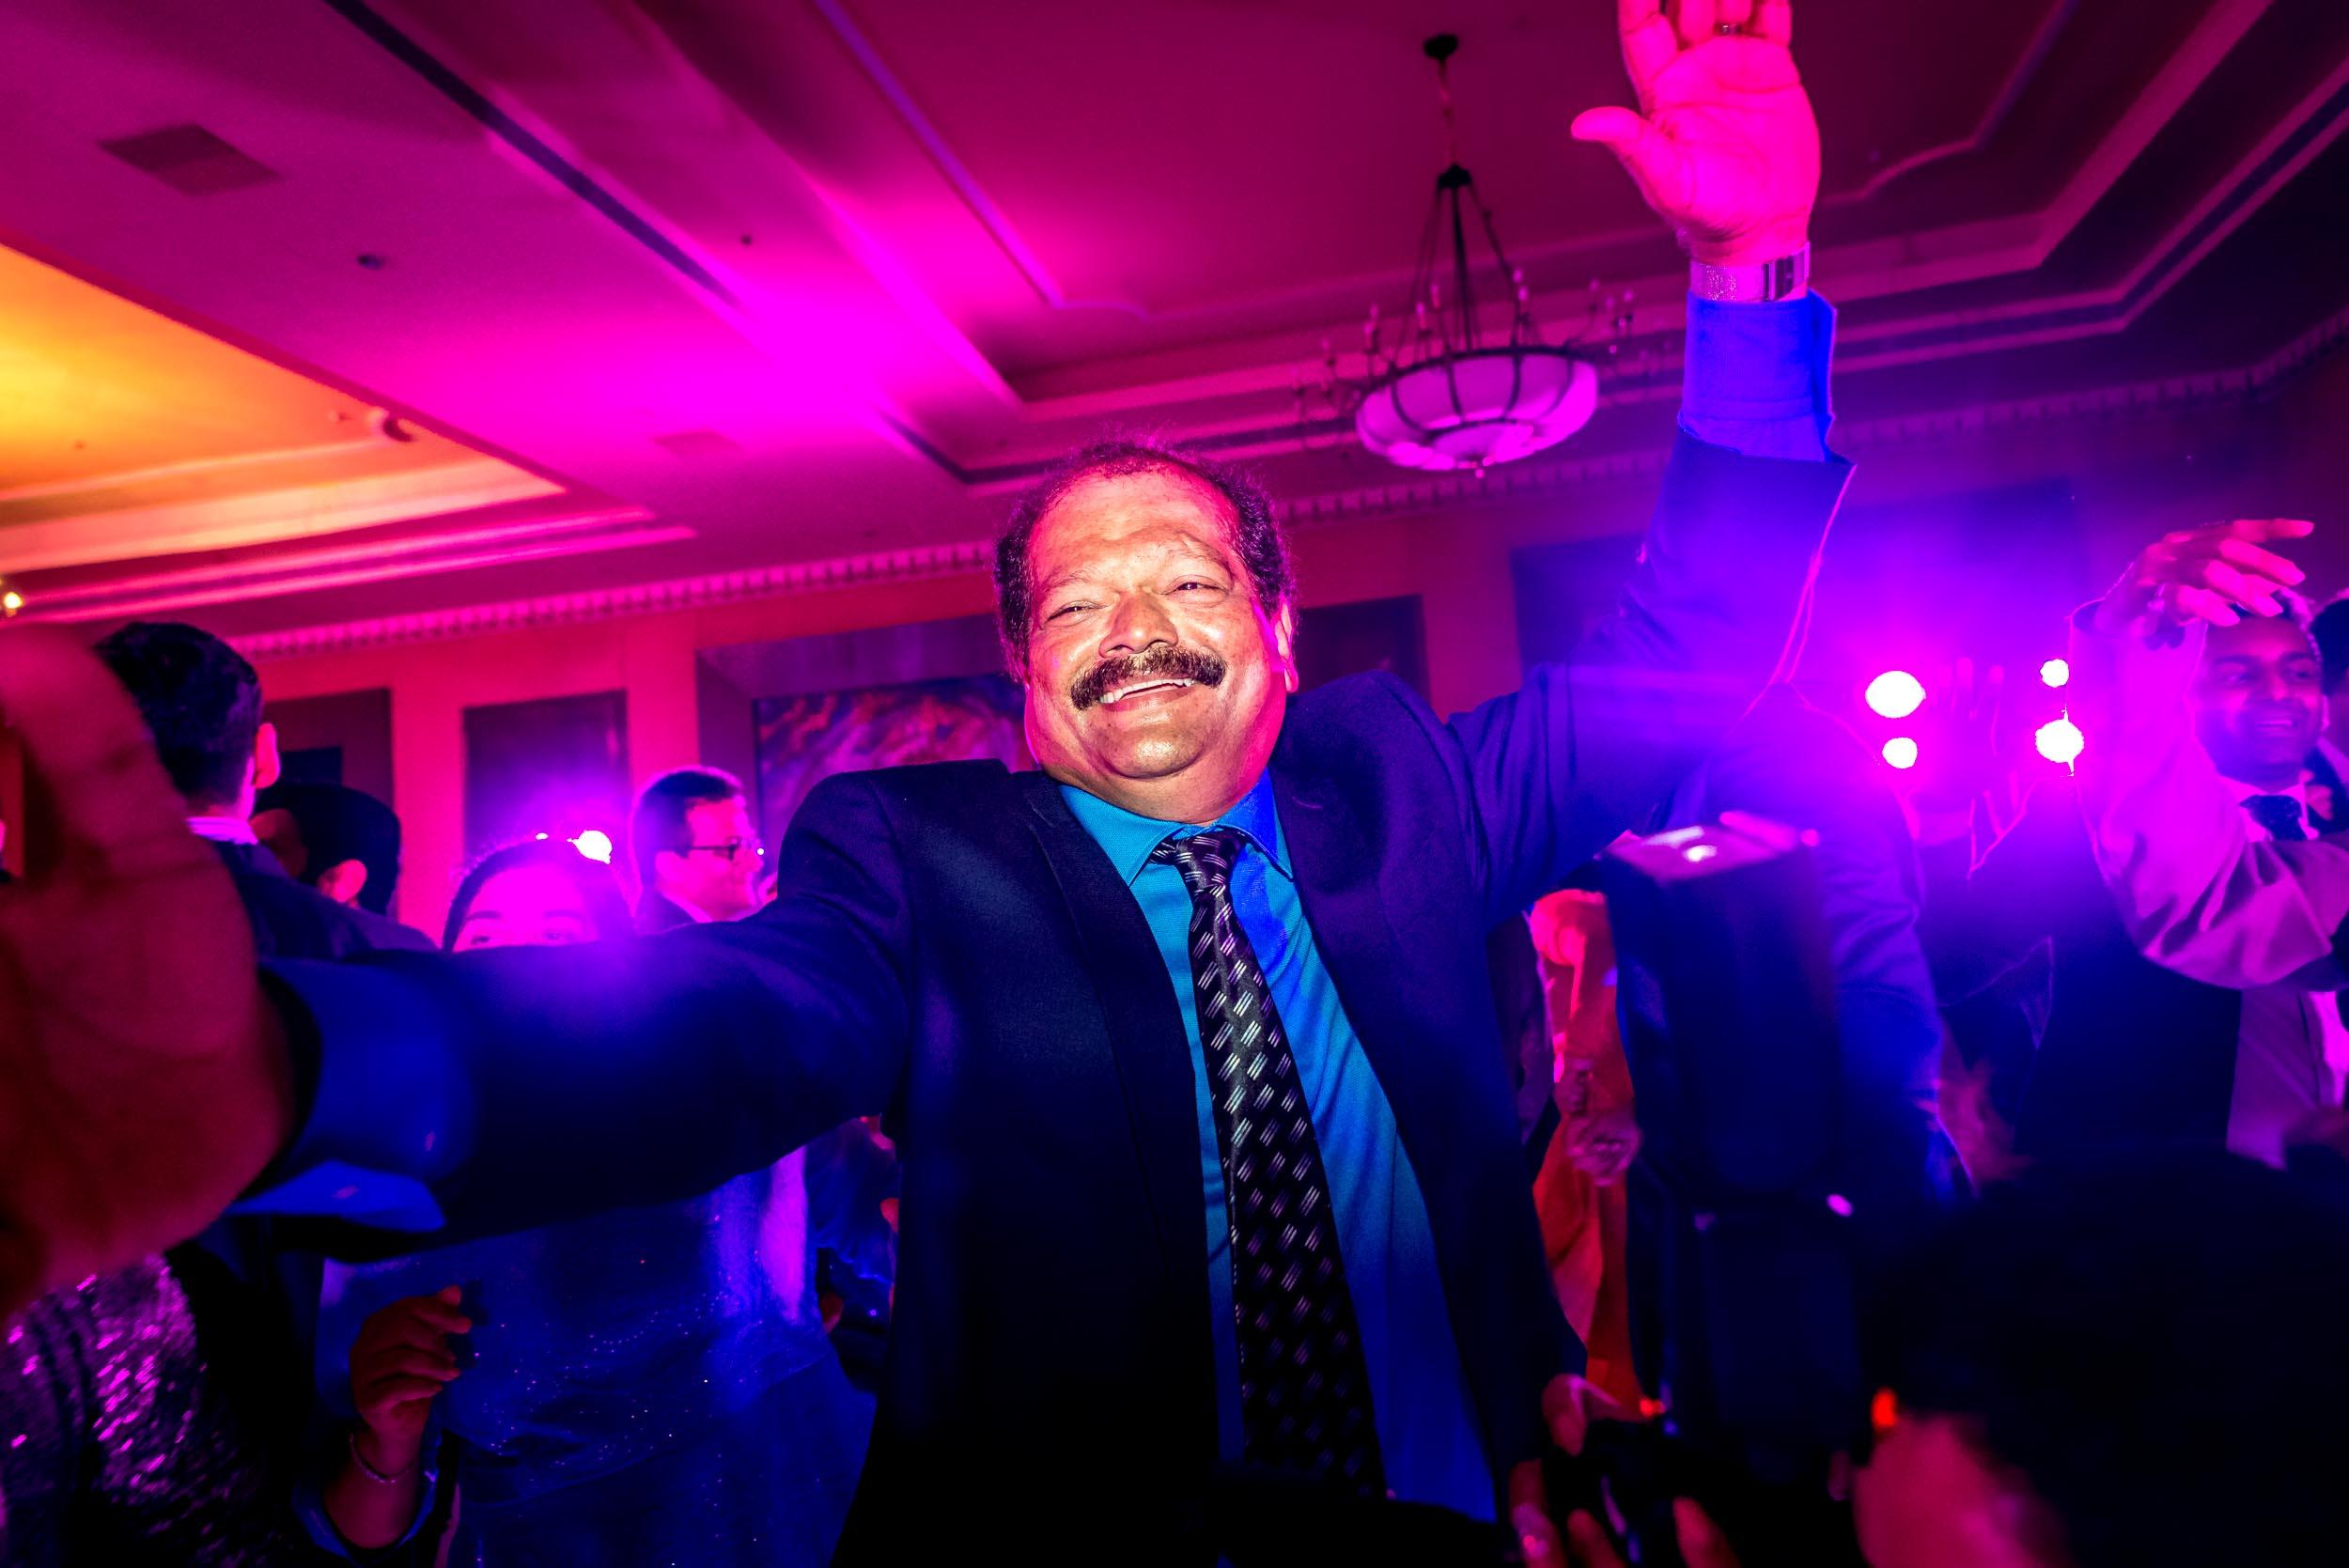 mumbai-pune-wedding-159.jpg